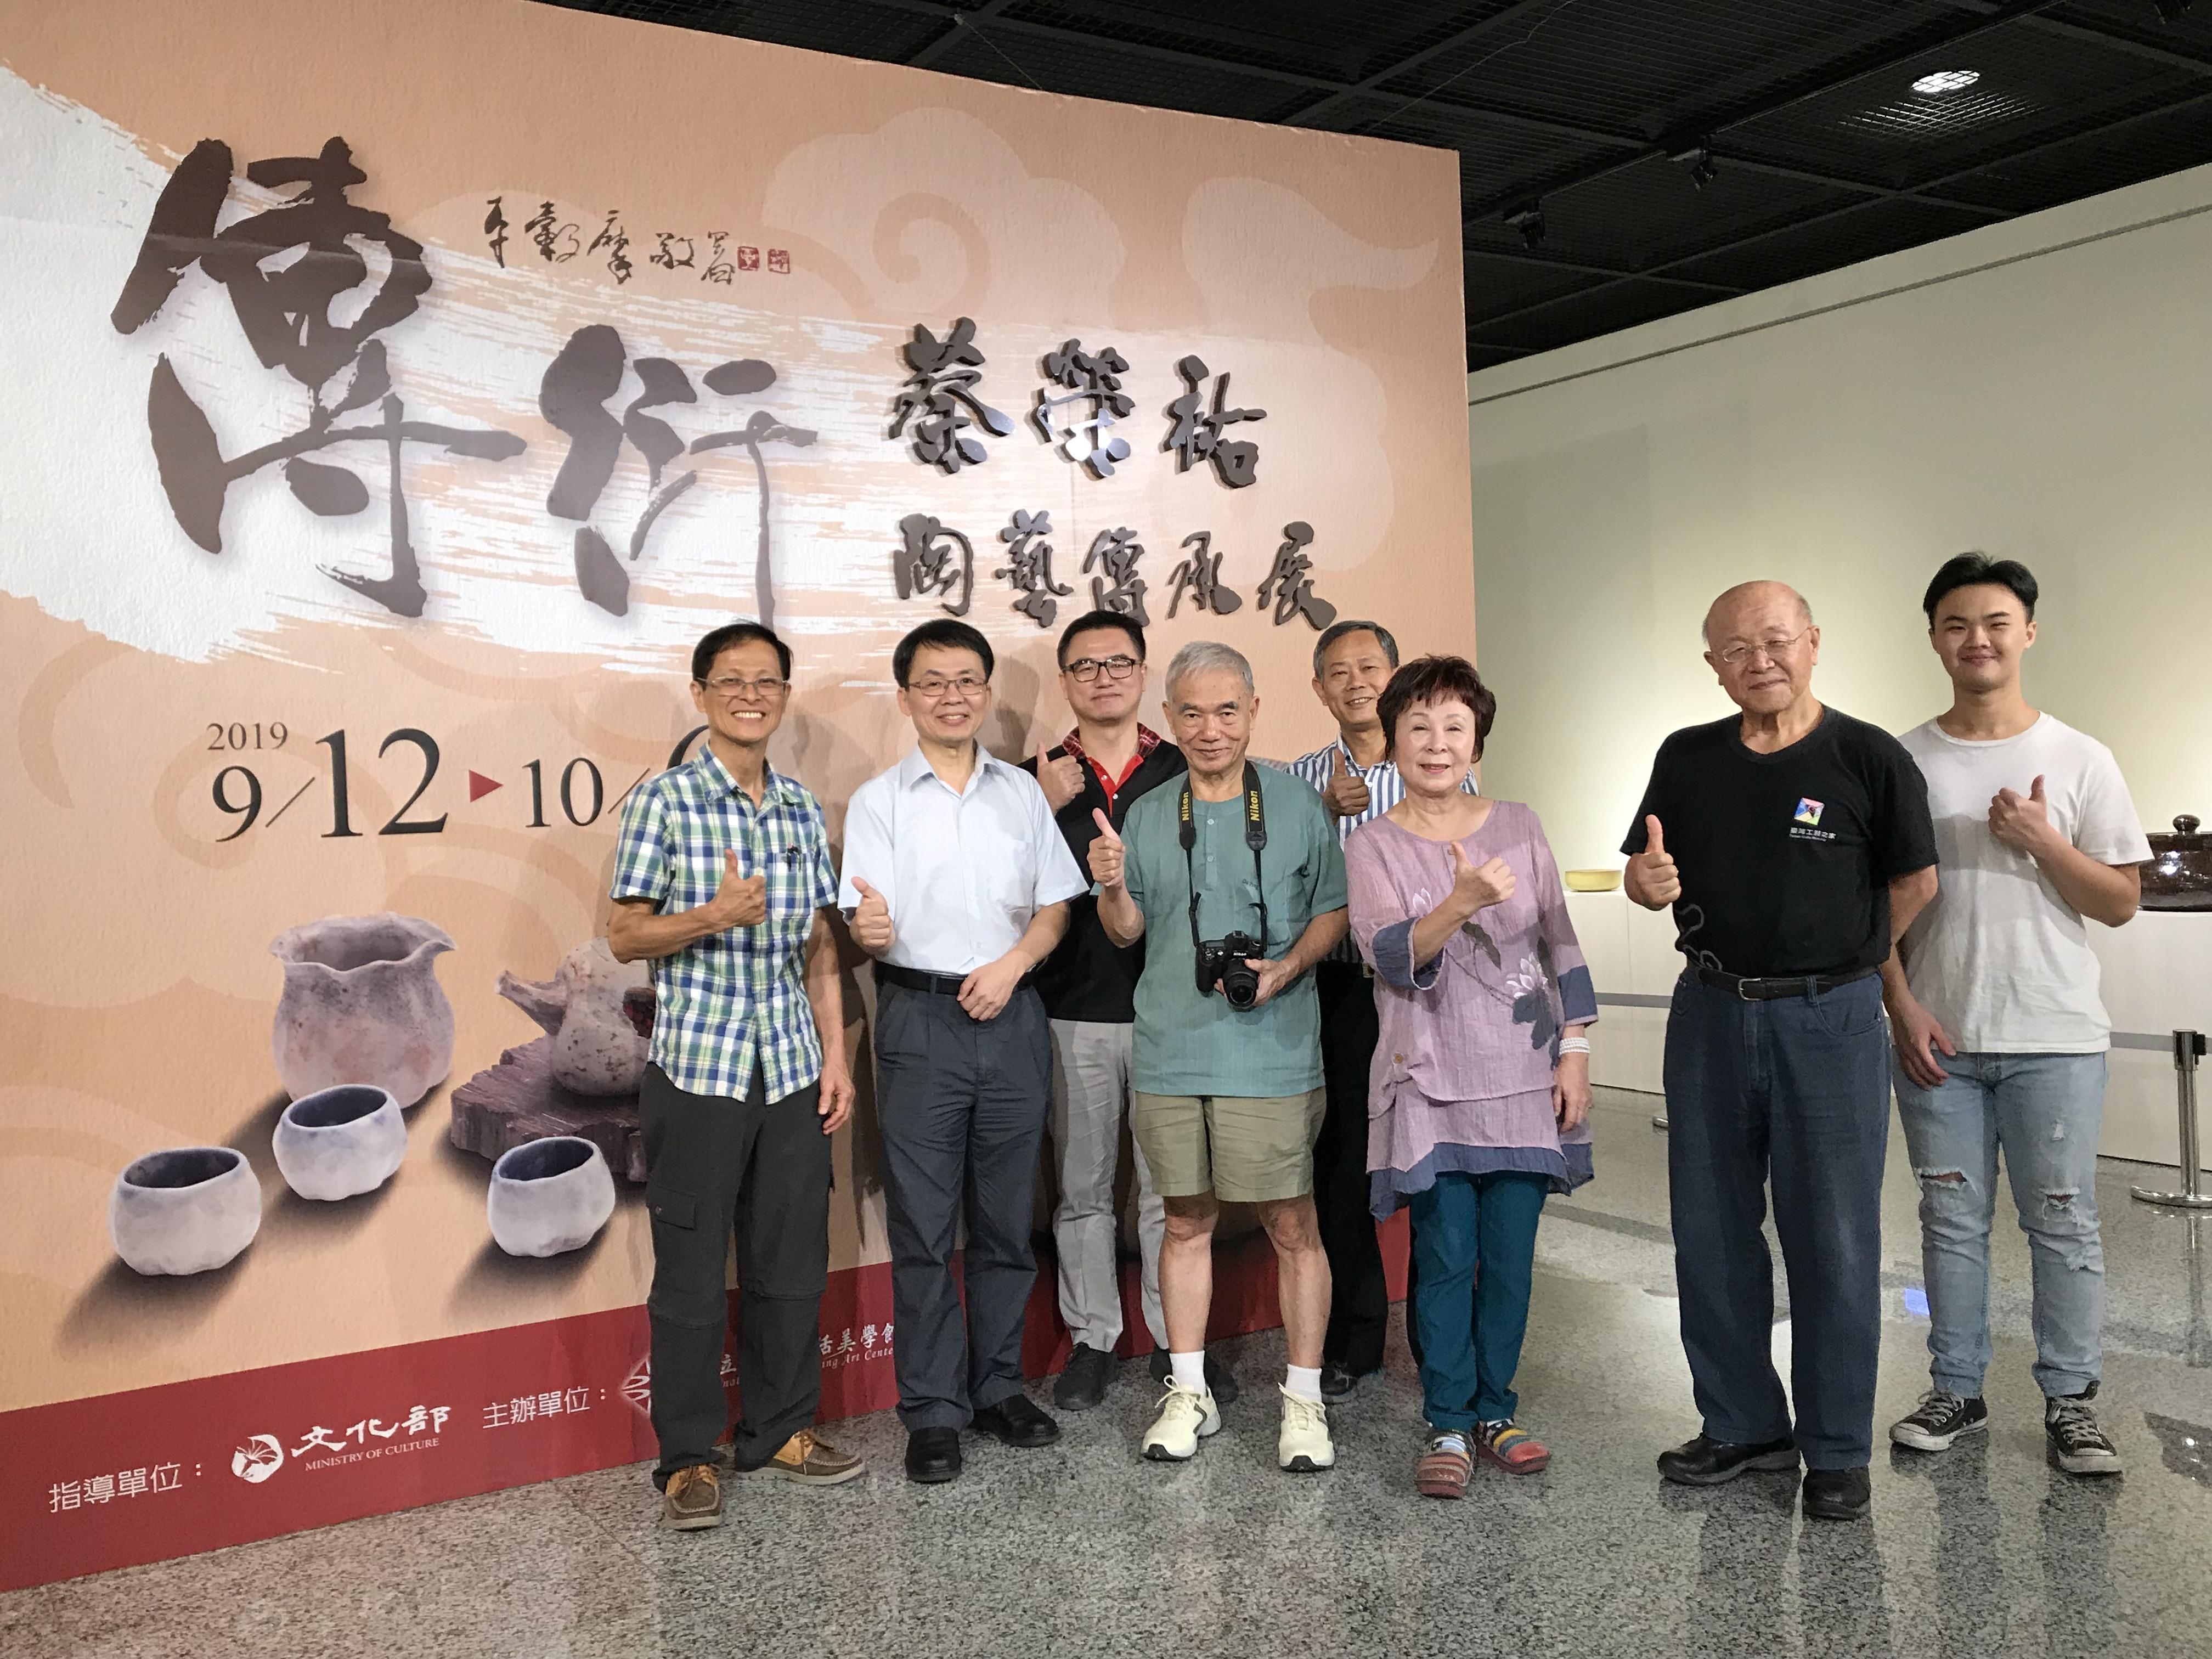 彰美館黃維忠組長(左二)與蔡榮祐老師(左四)合照.JPG